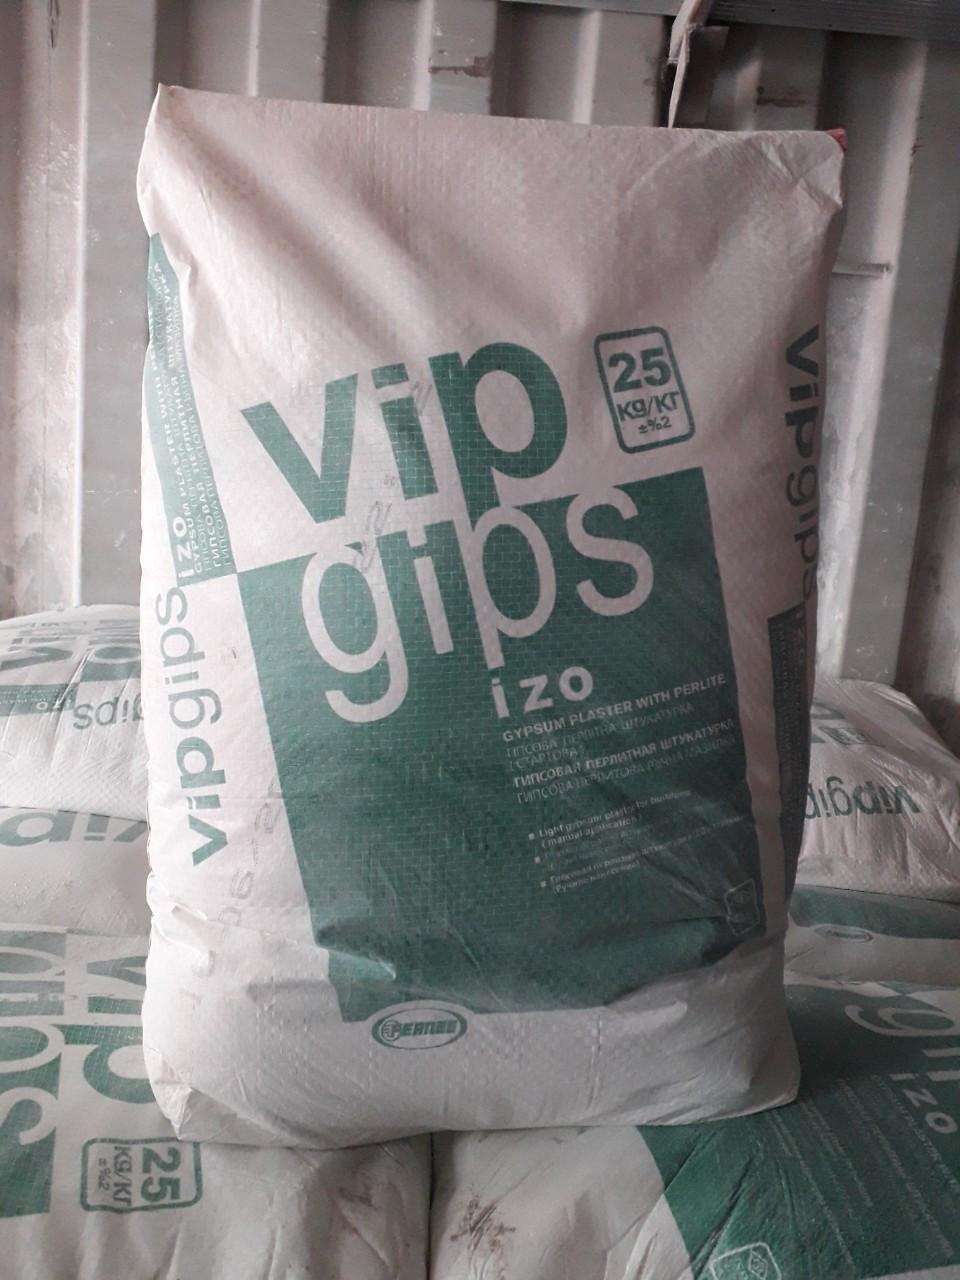 Штукатурка VIP GIPS izo 25кг